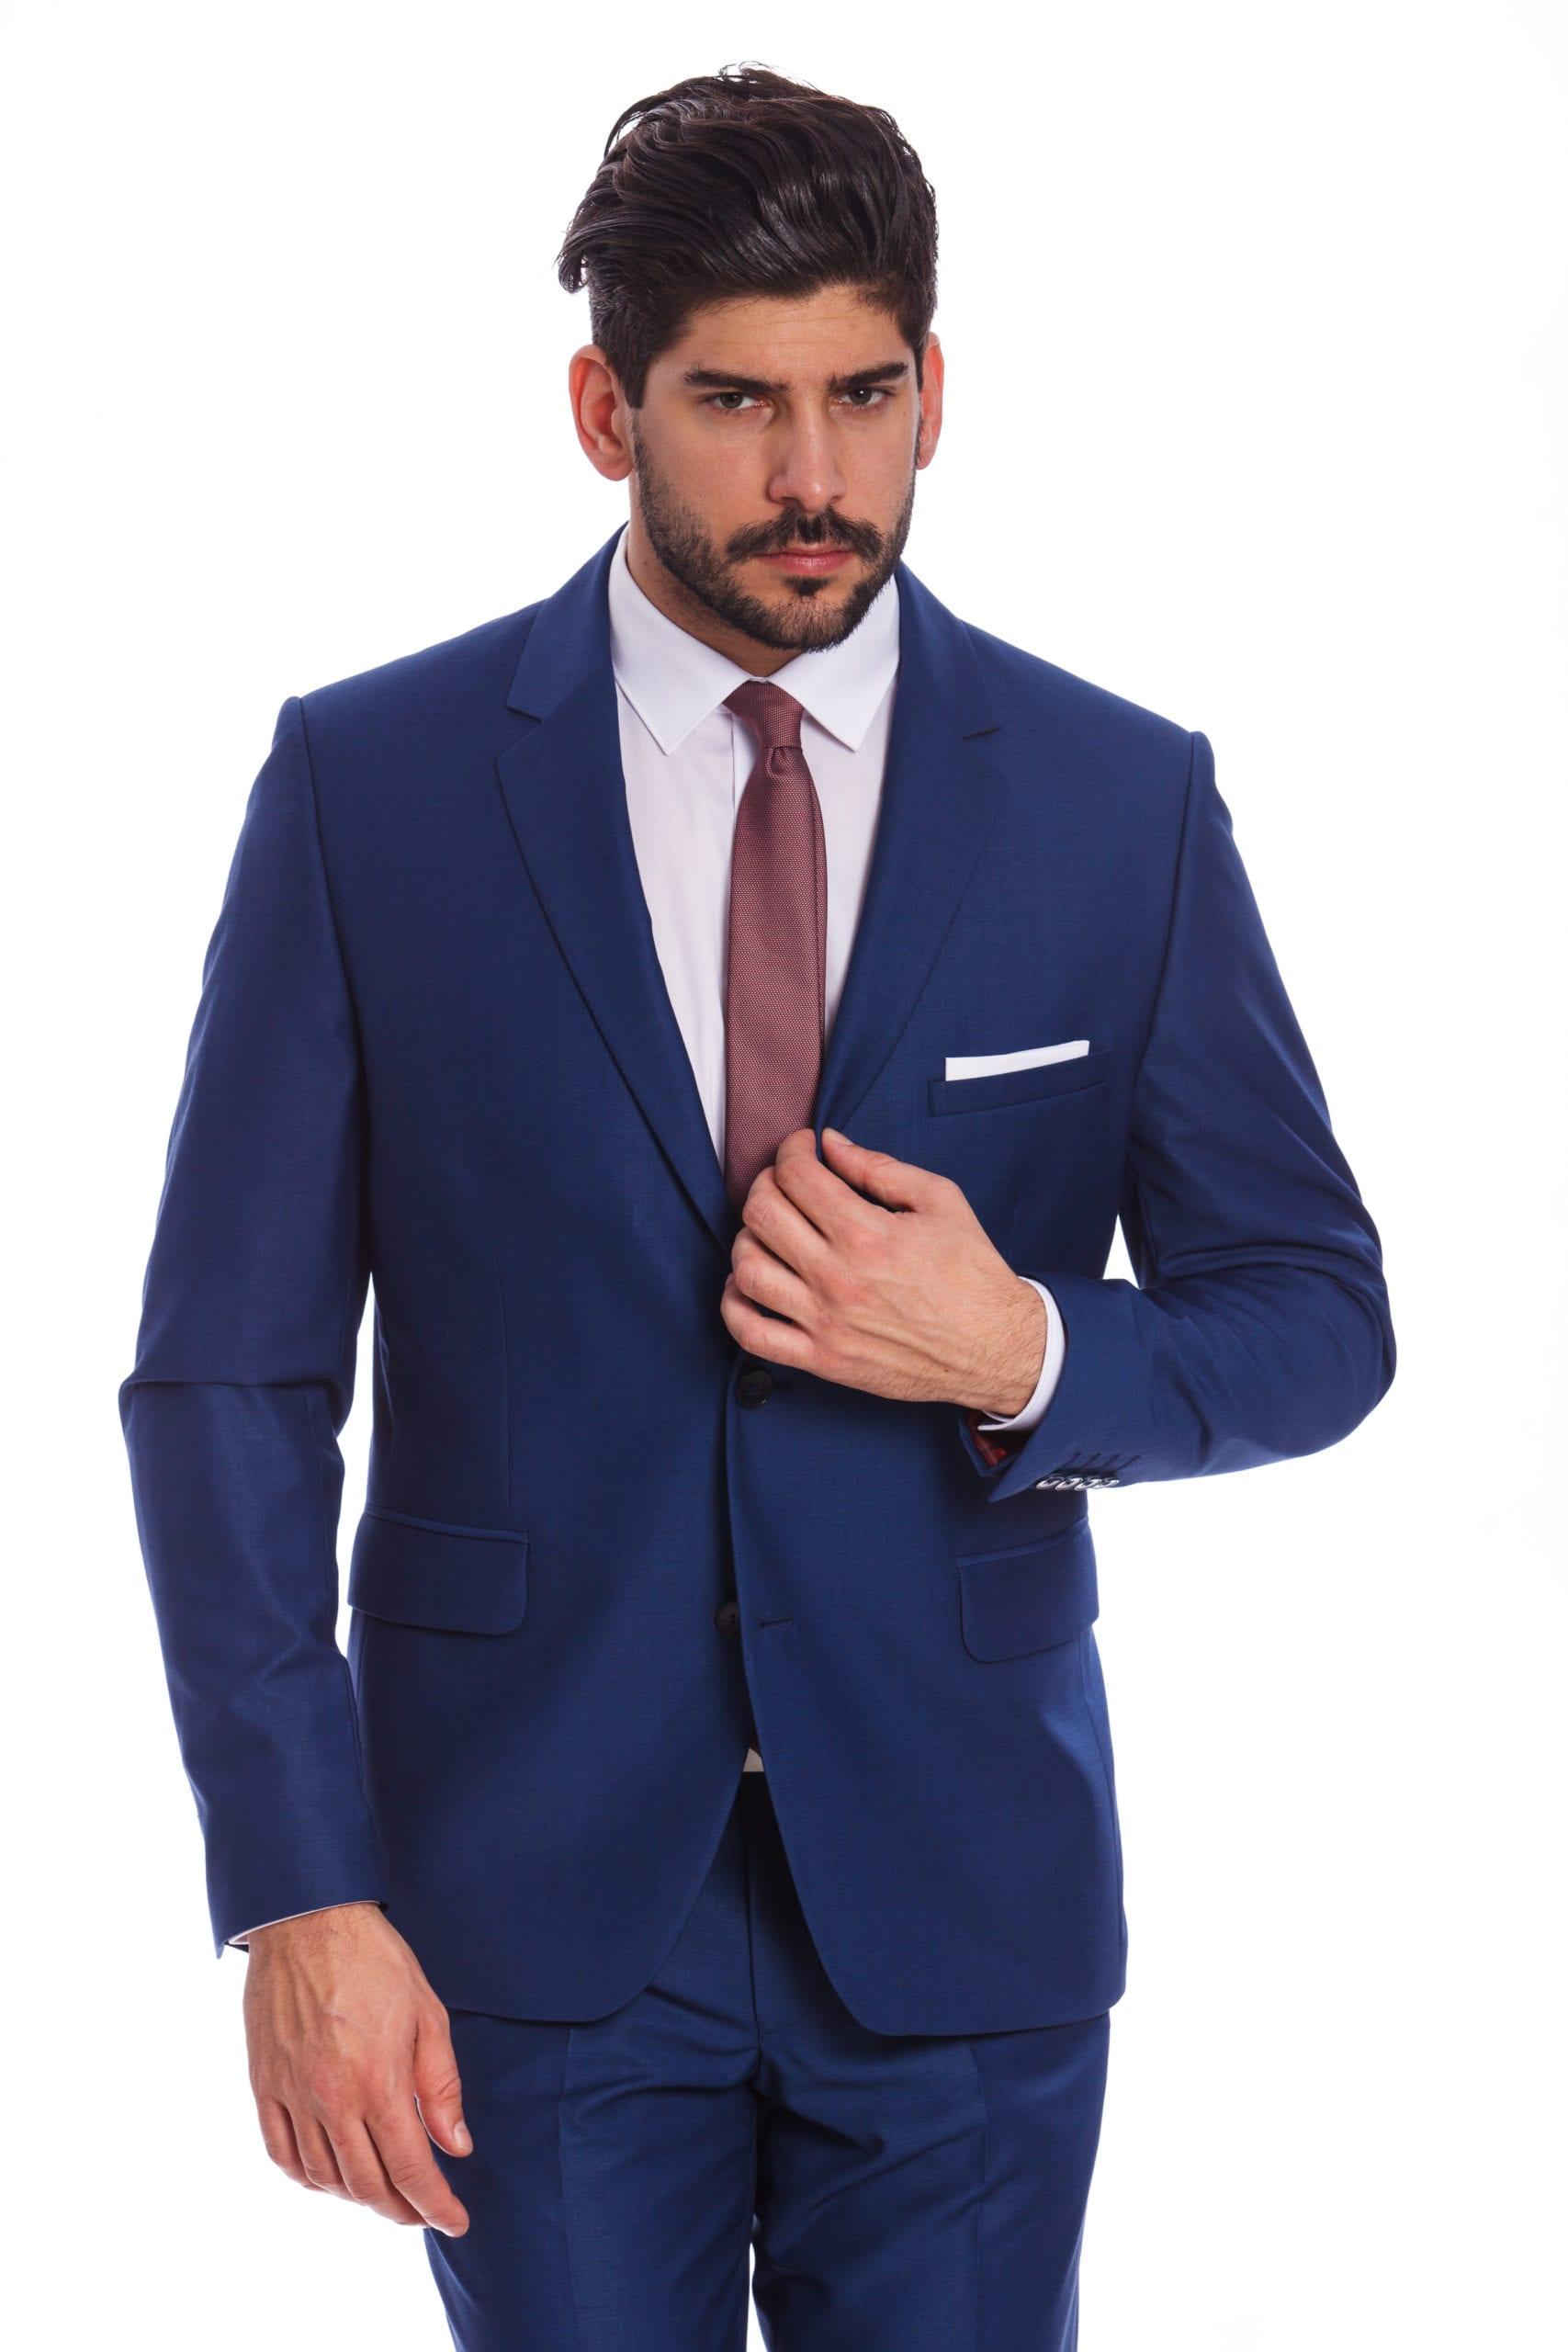 8a744b991c Palermo Kék Slim Fit Öltönyzakó - Elite Fashion Öltönyház